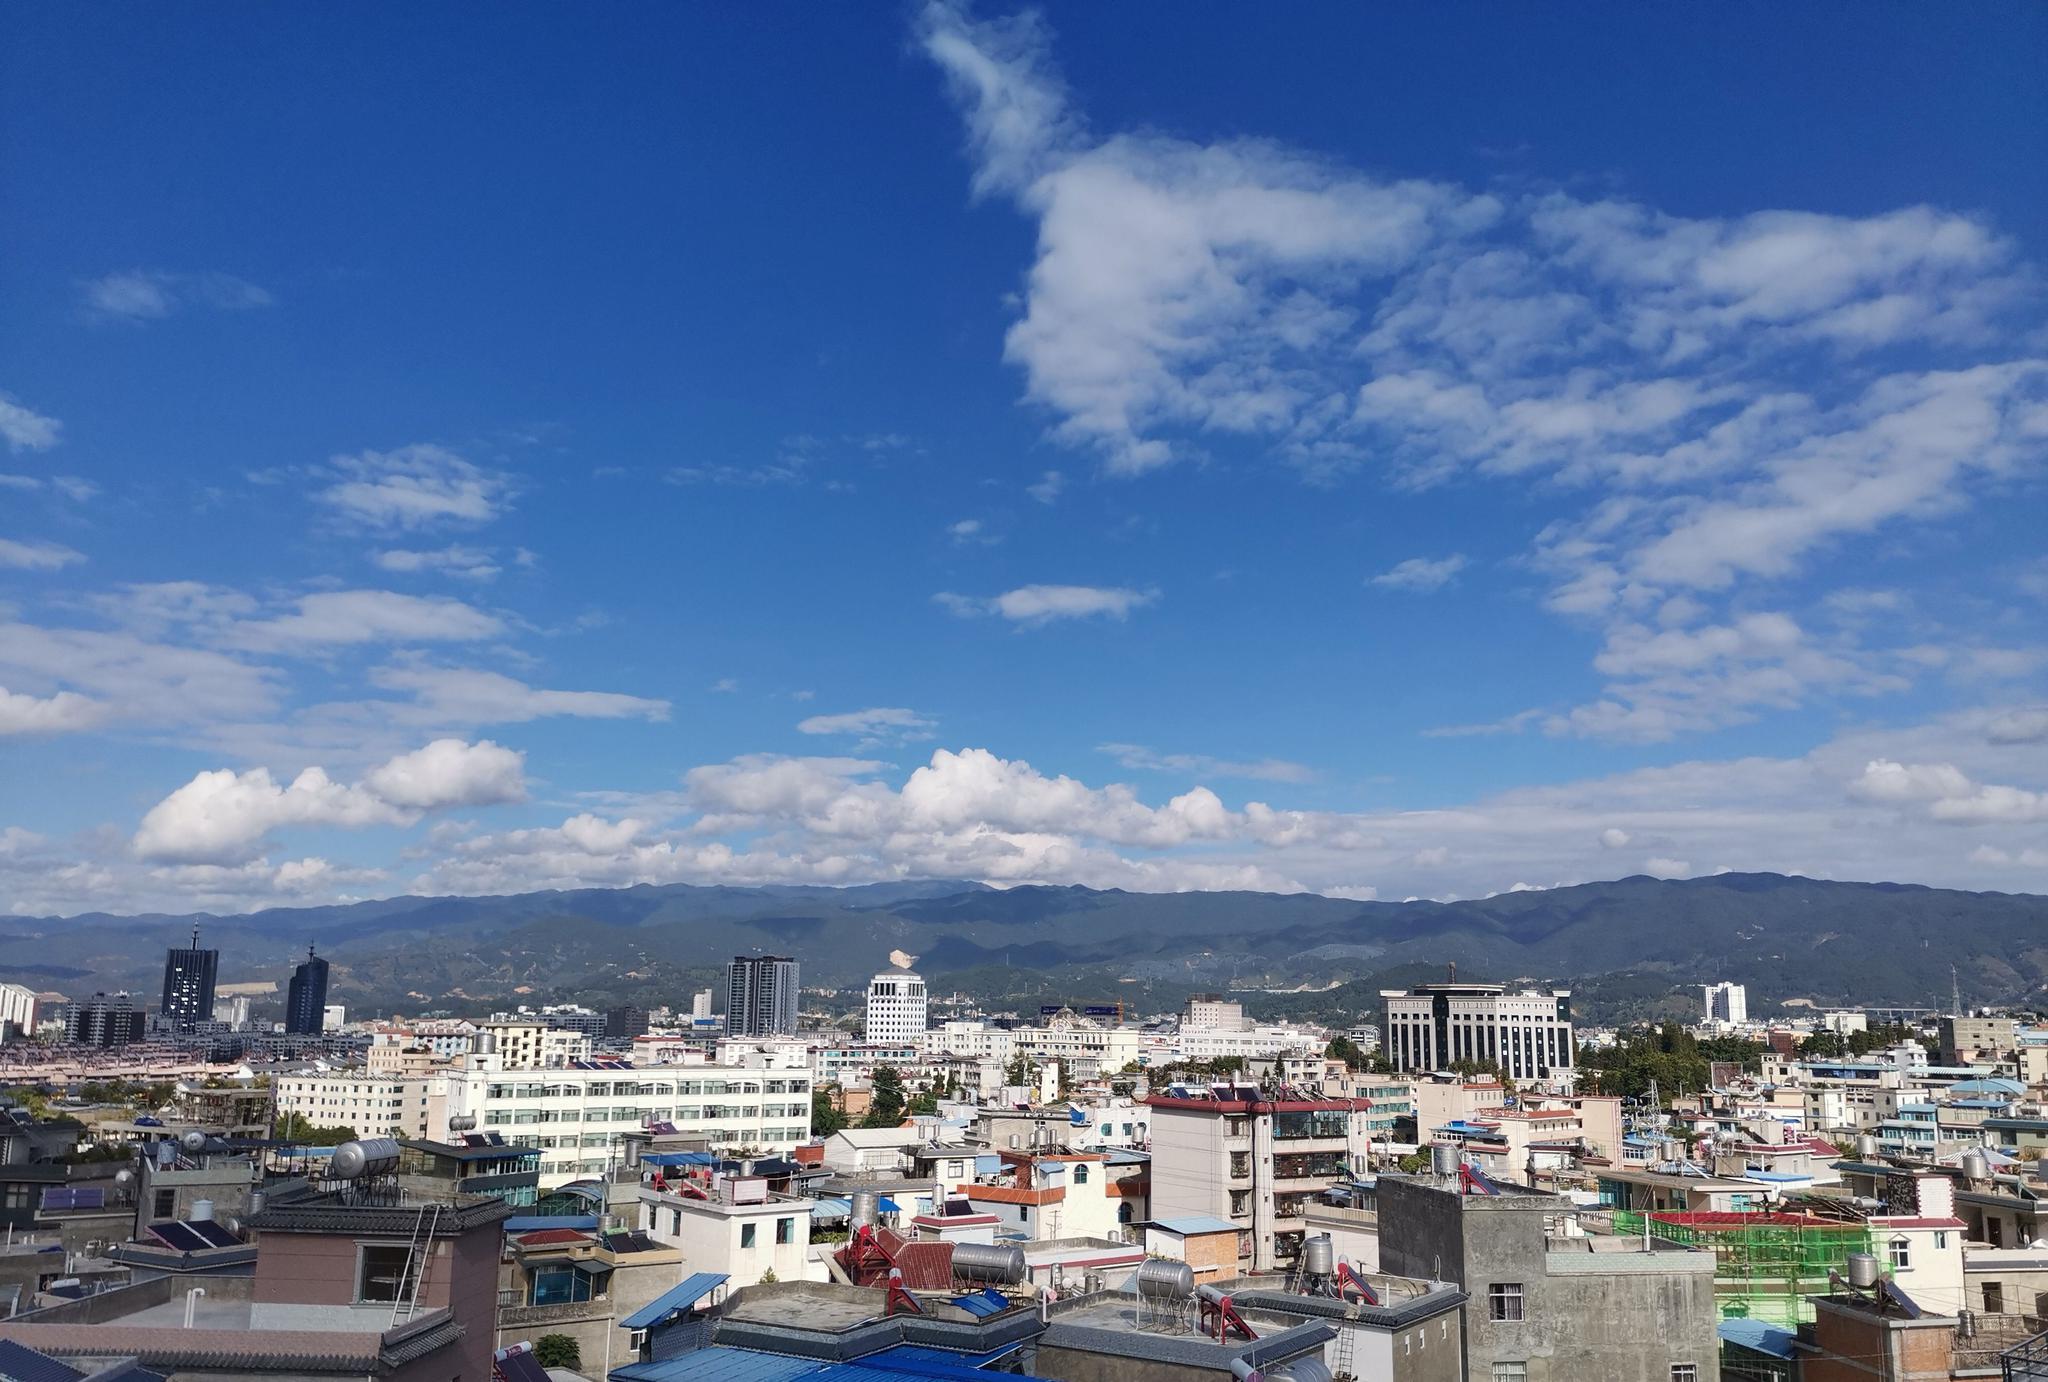 云南省临沧市,这小城,气候宜人,风景优美,被称为恒春之都哦